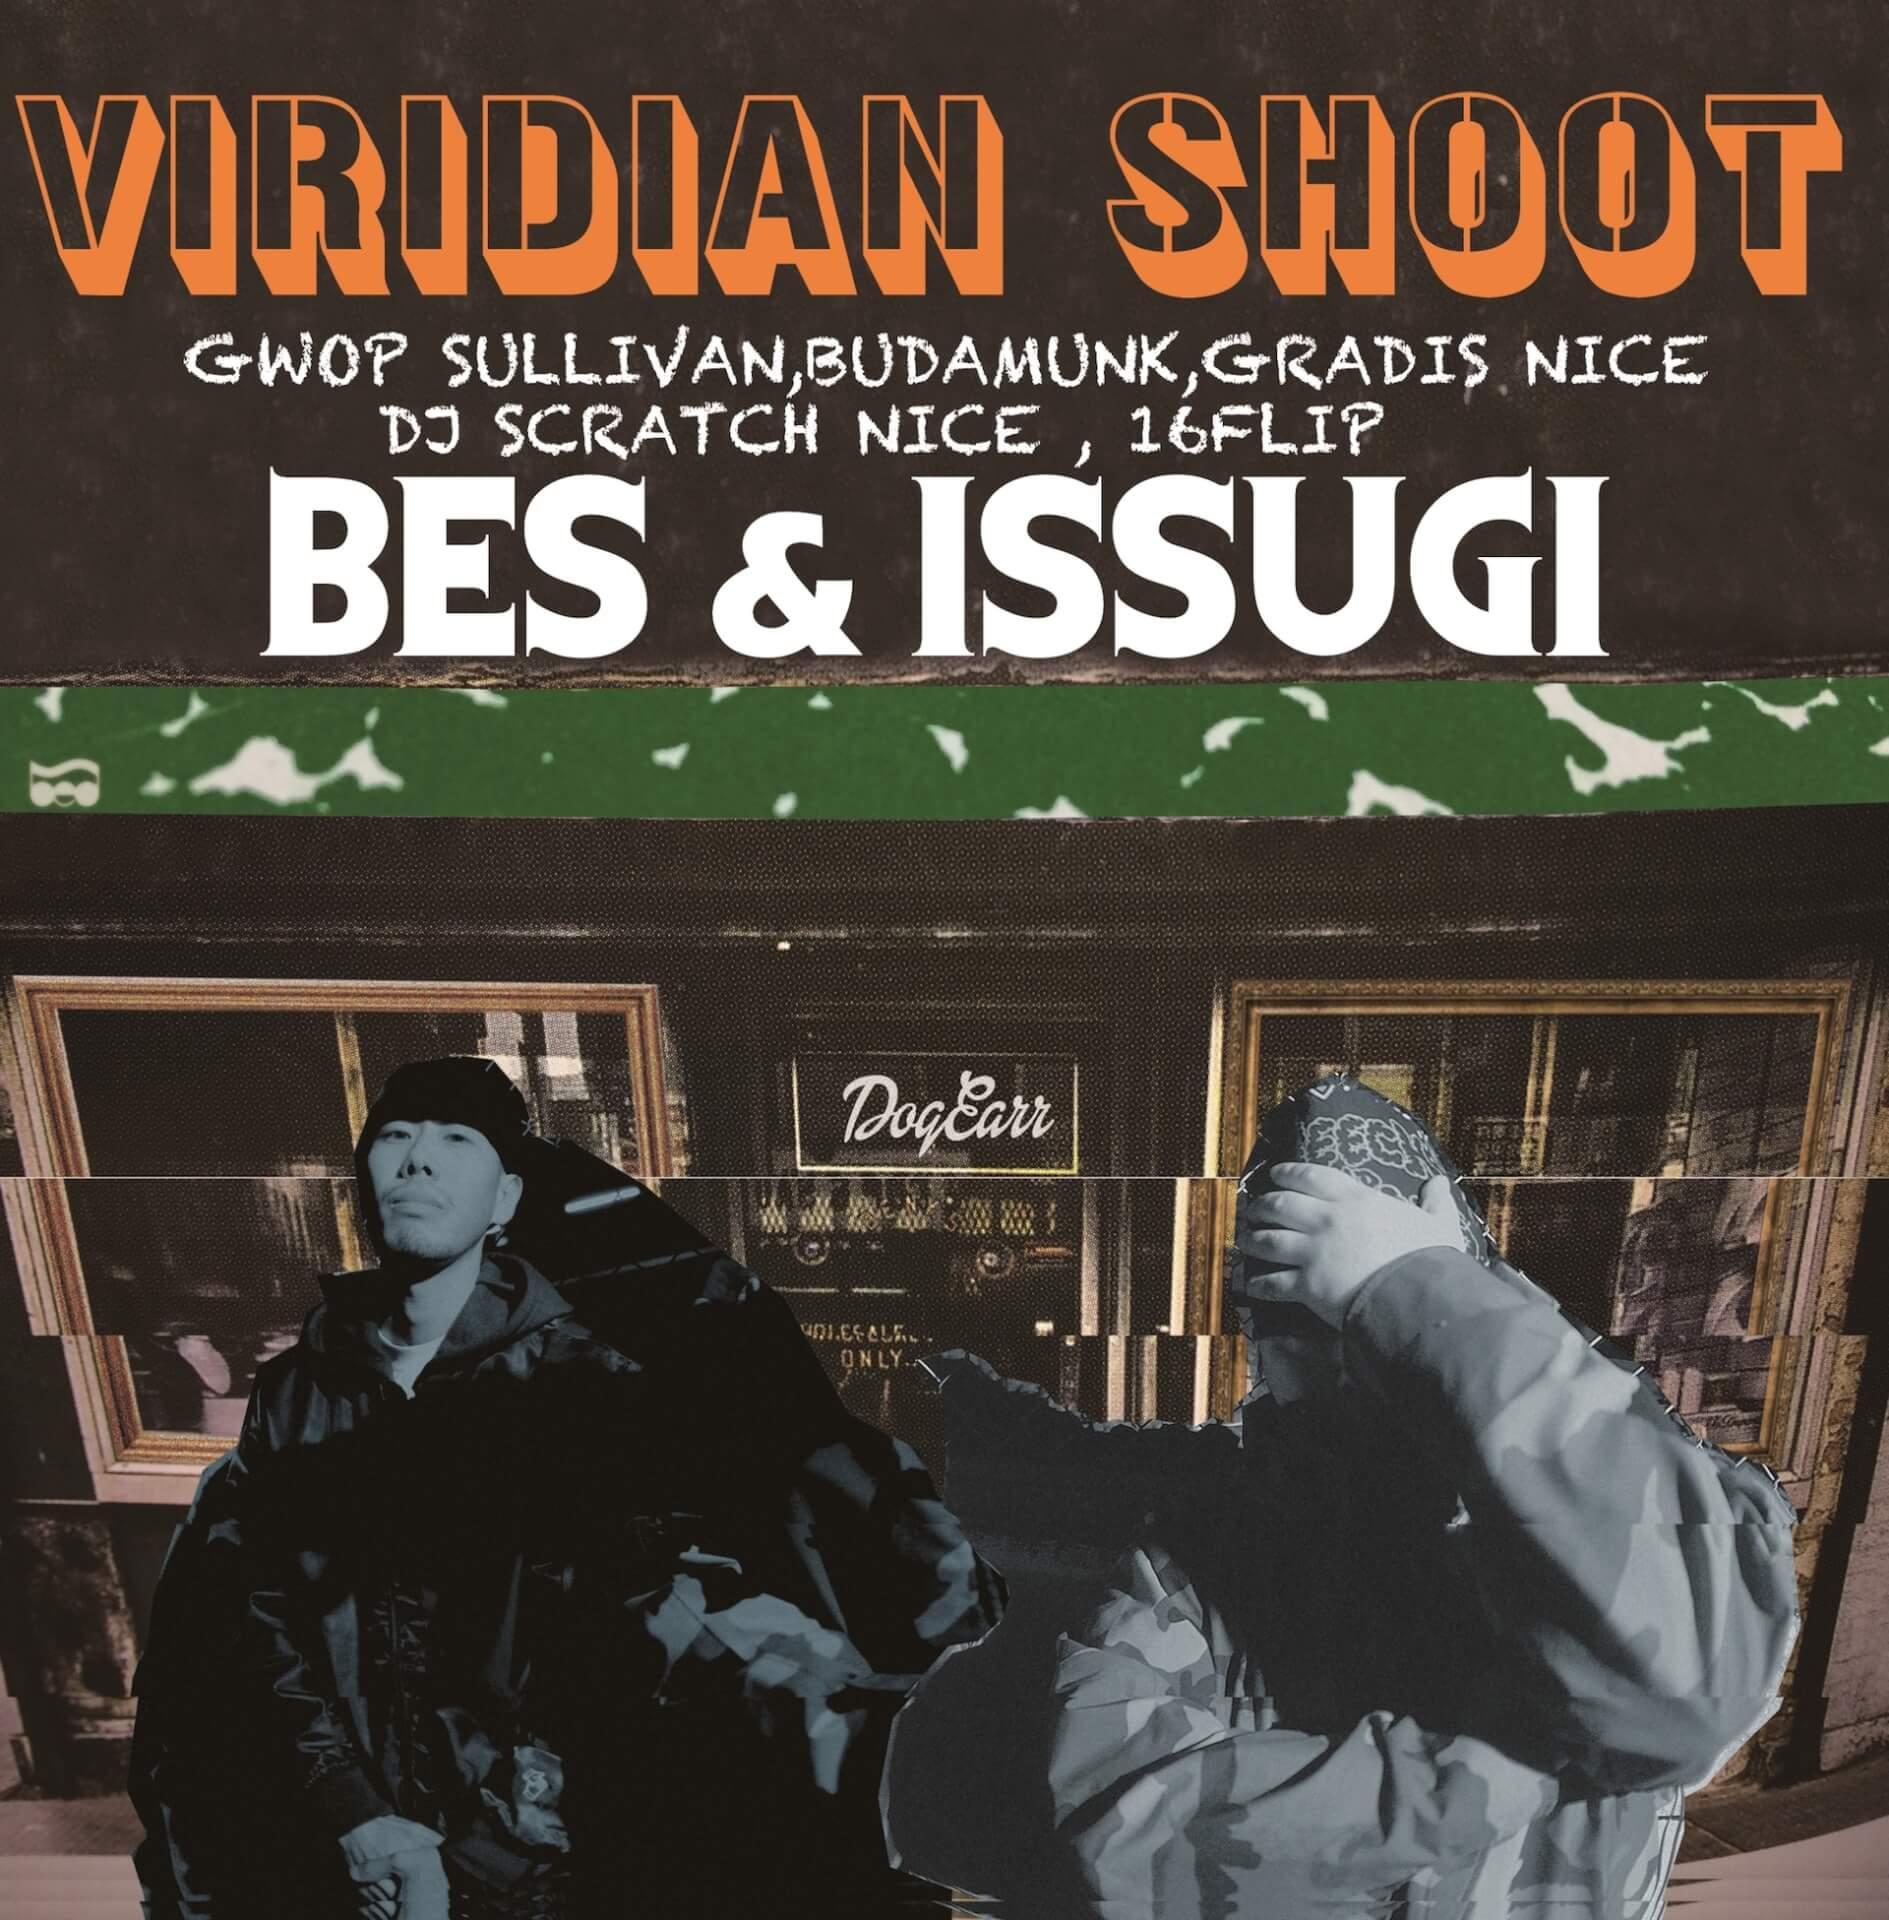 BESとISSUGIによるドープなジョイント・アルバム『VIRIDIAN SHOOT』が完全限定プレスの2枚組アナログ盤でリリース!ボーナス・トラックも収録 bes-issugi